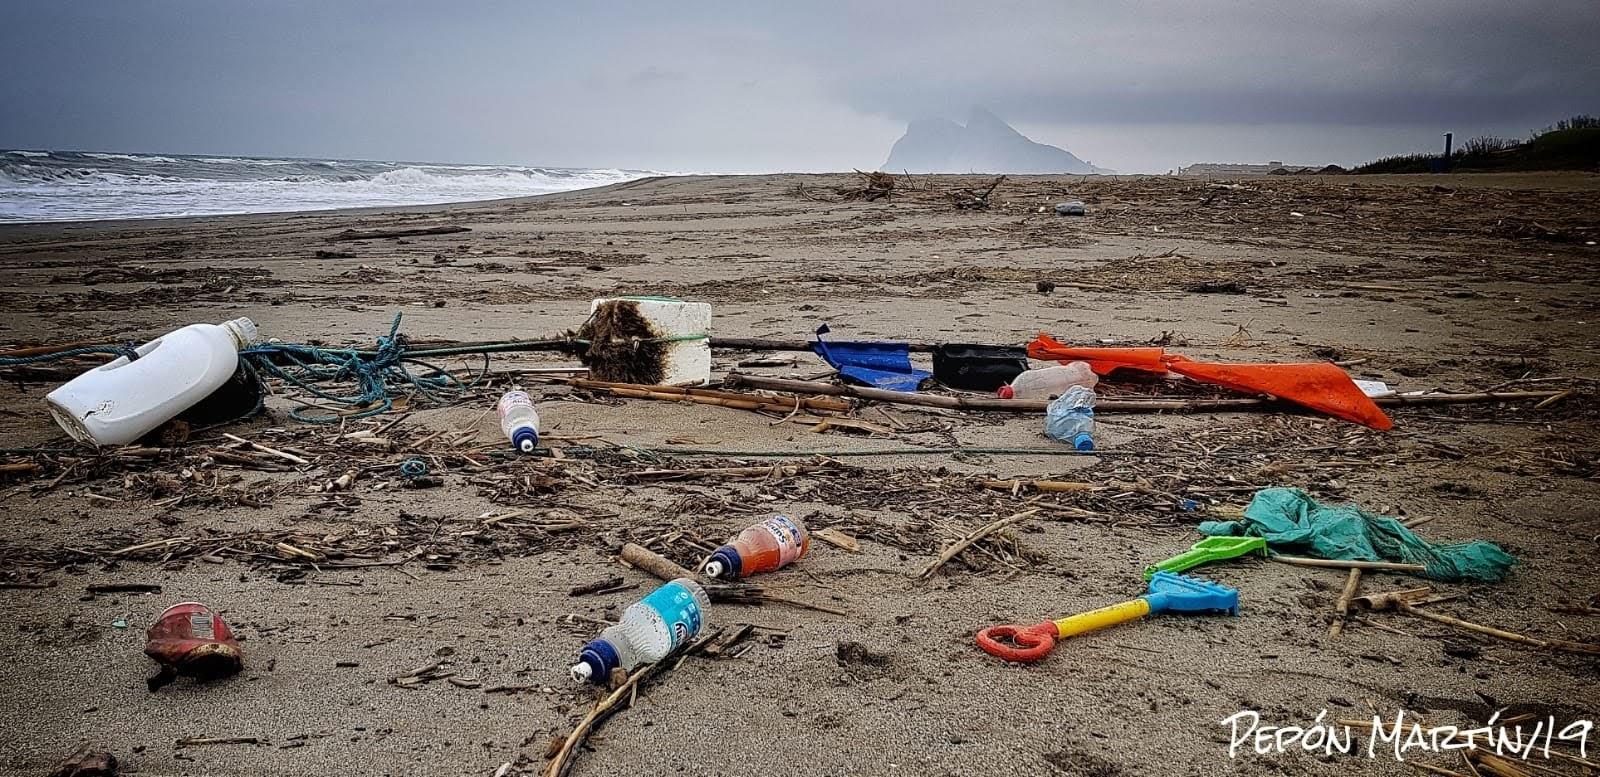 Verdemar Ecologistas en Acción lamenta el aumento de plástico en nuestras costas